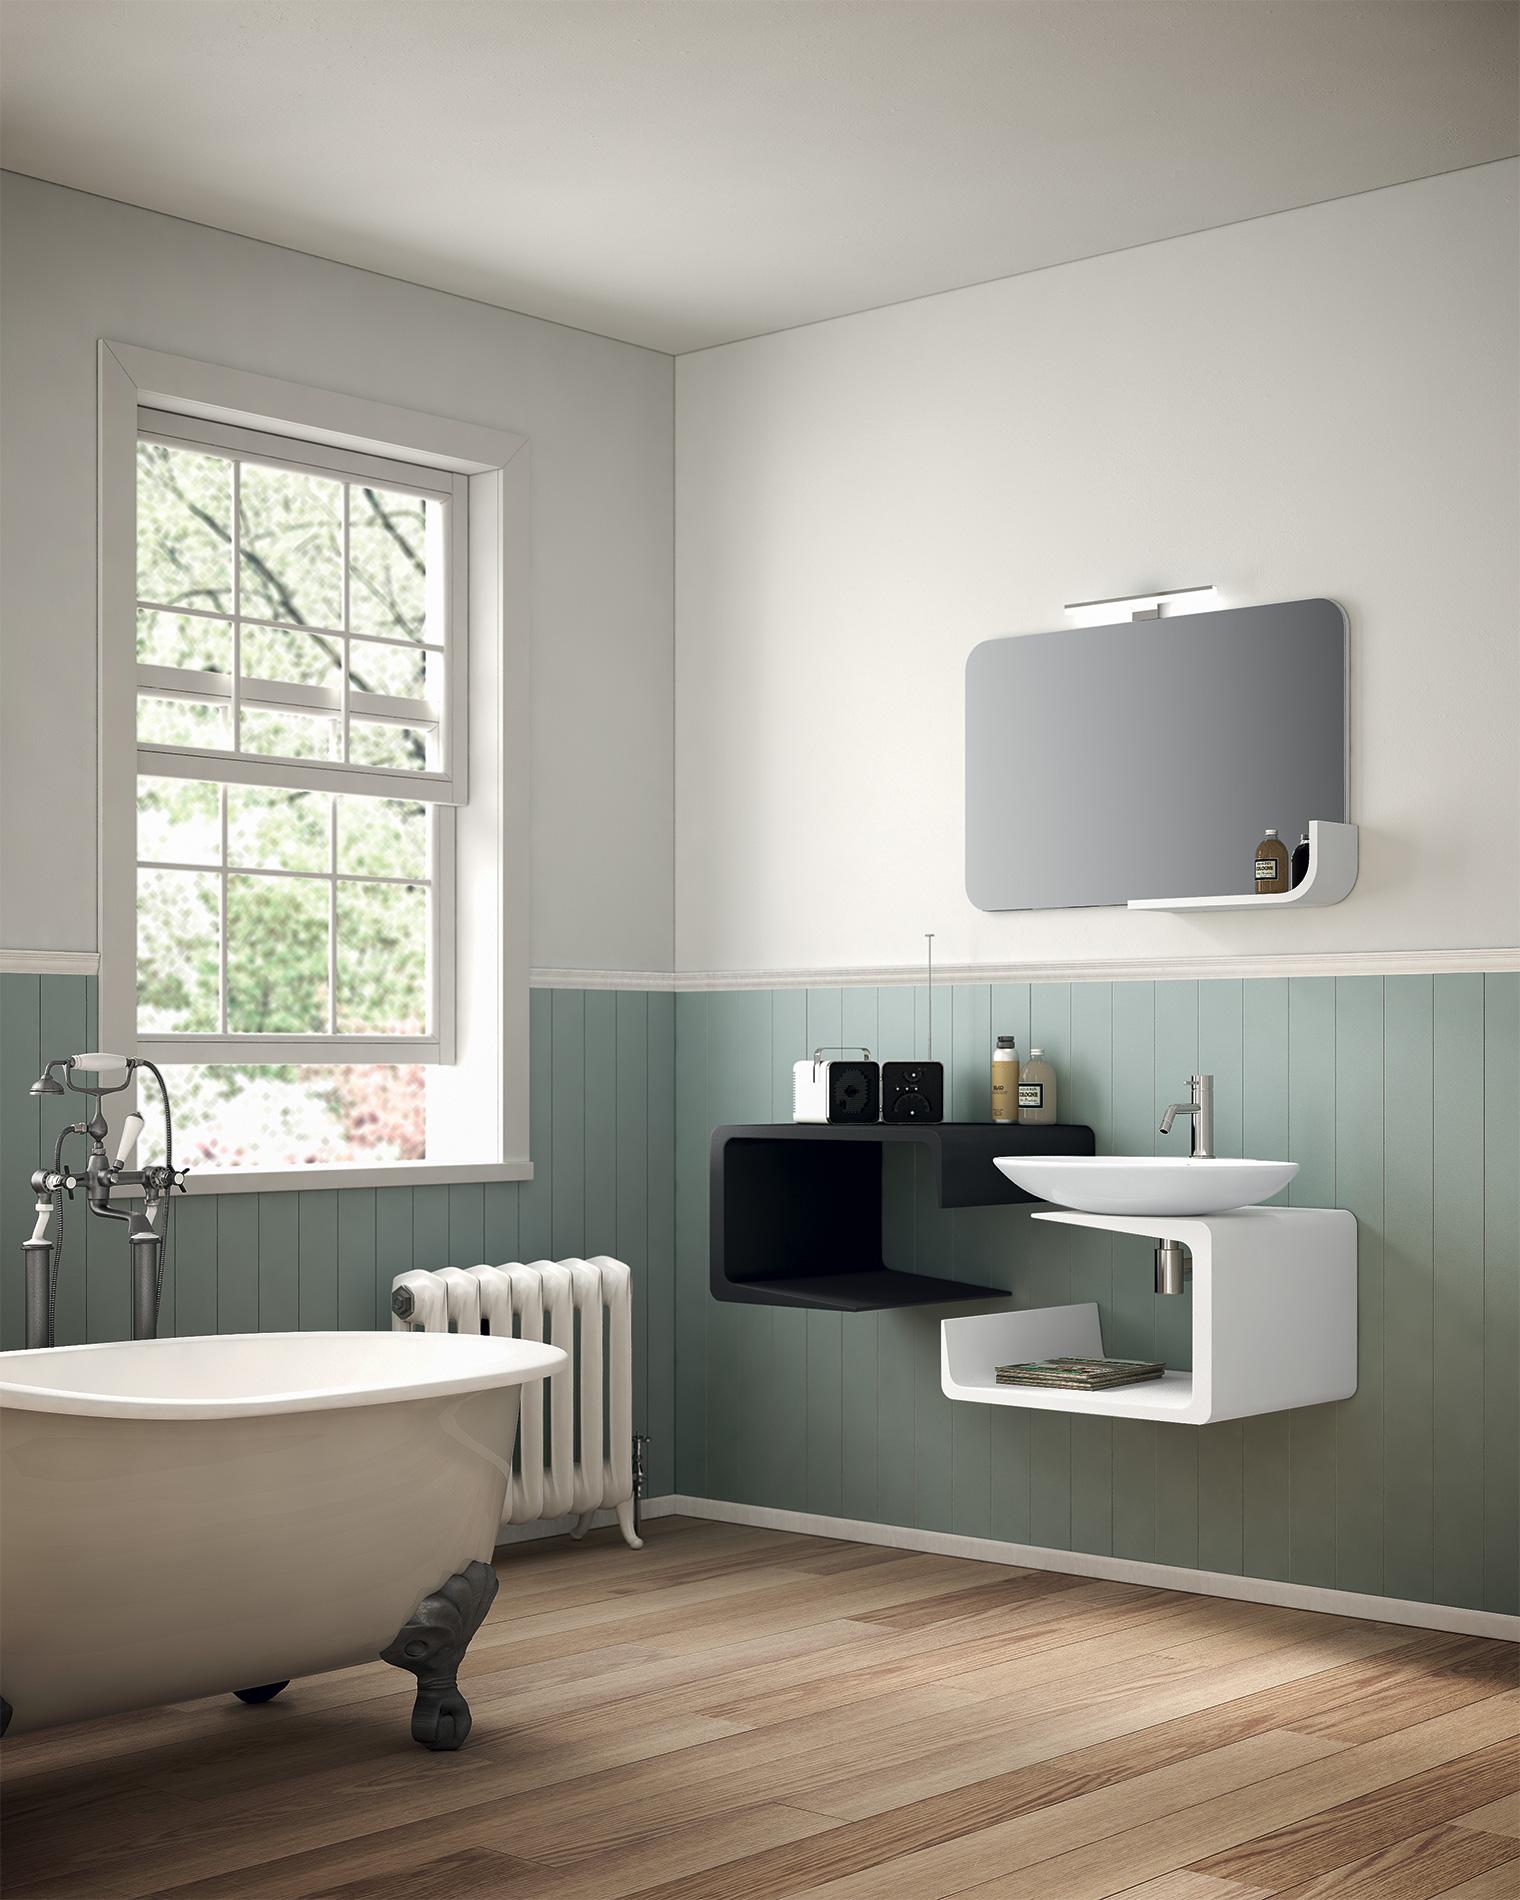 Bathroom Jolly 03 - Licor Design